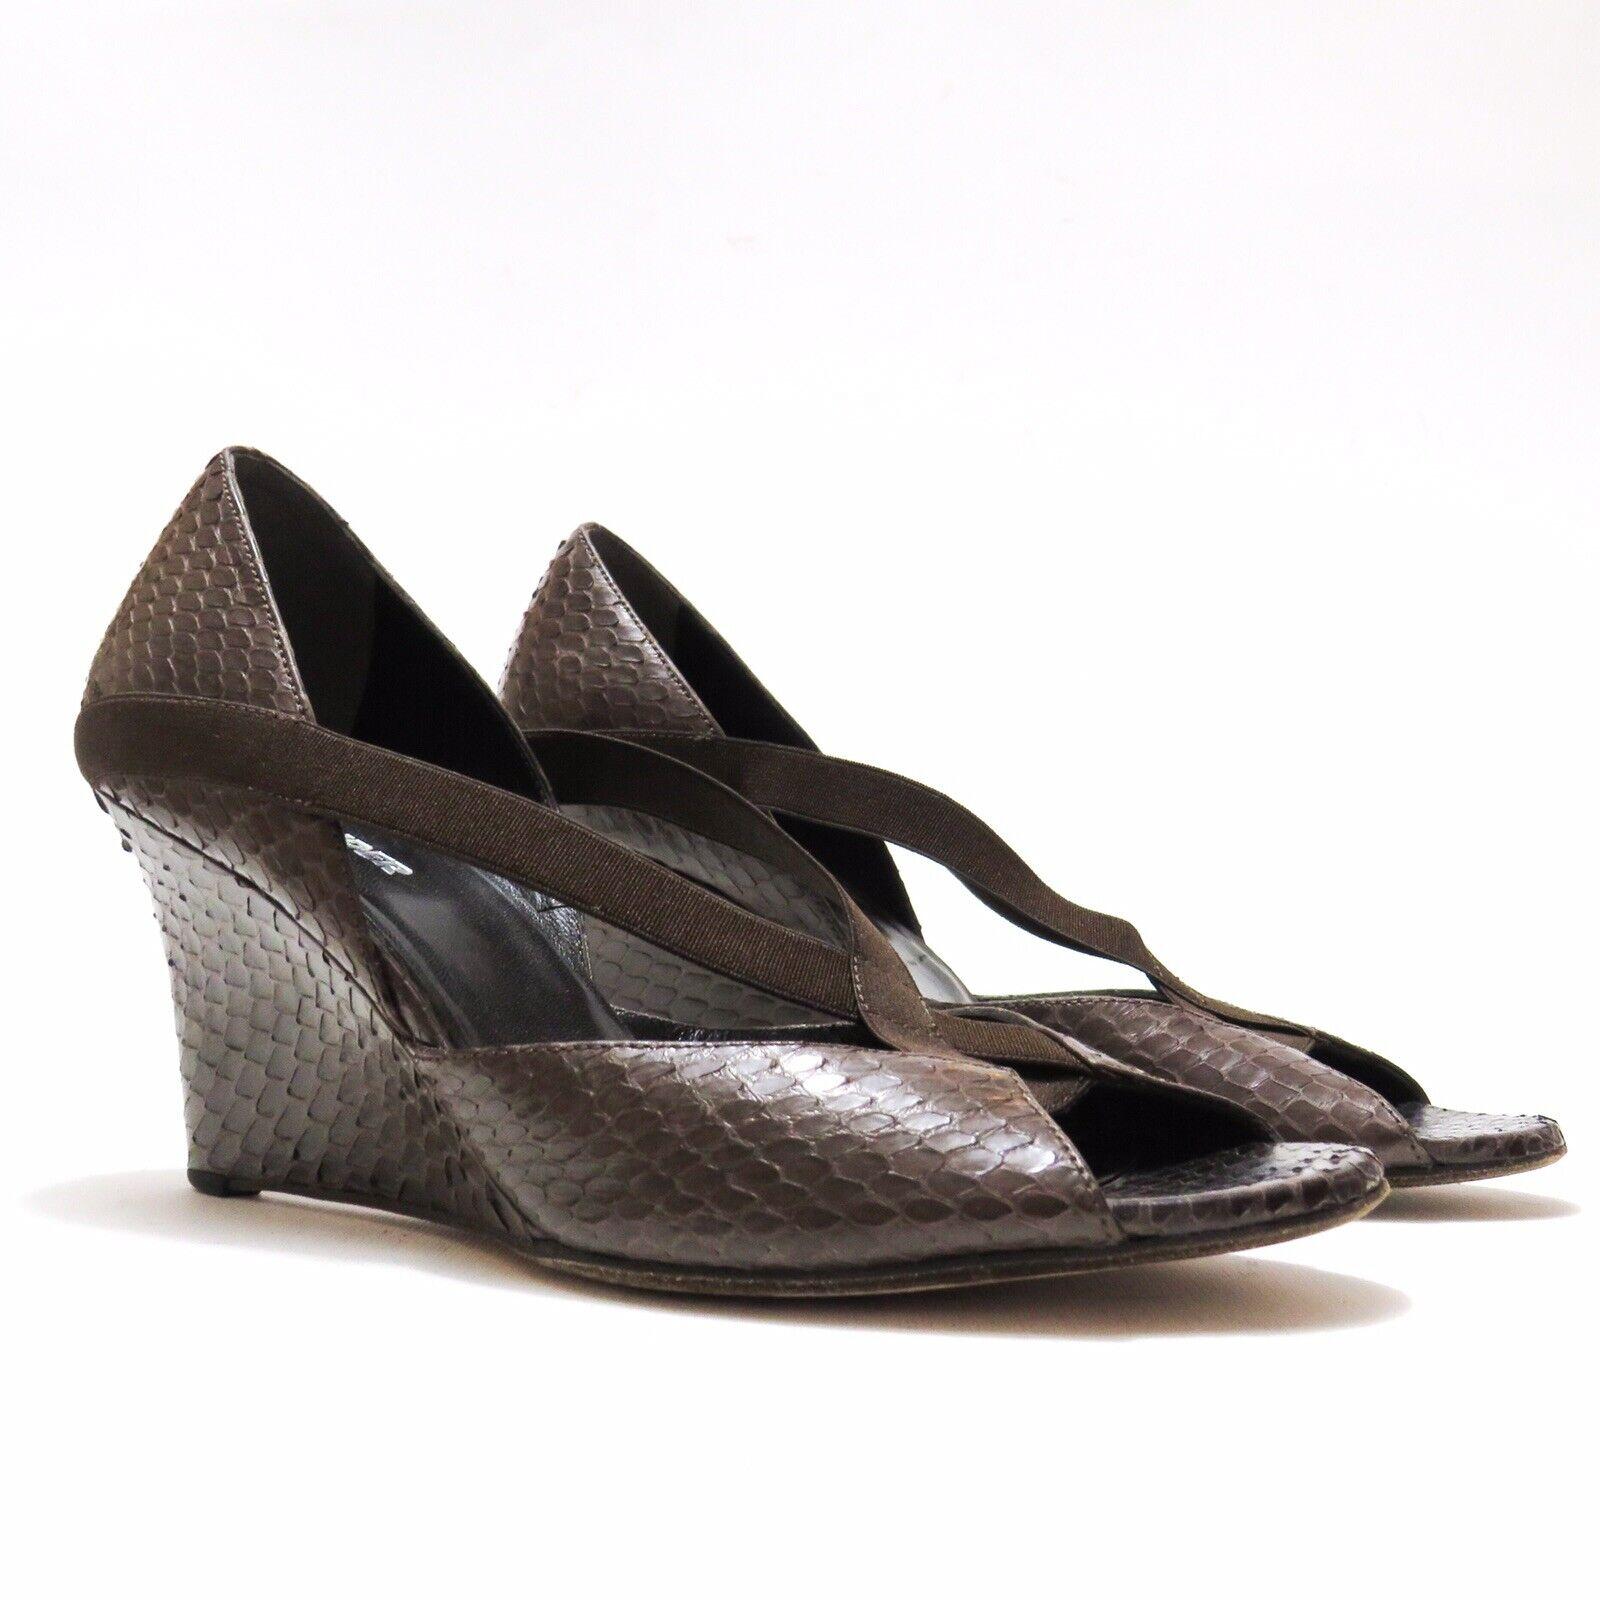 Jil Sander - Snakeskin Marronee Wedge Heels - Sz 39   vendite online